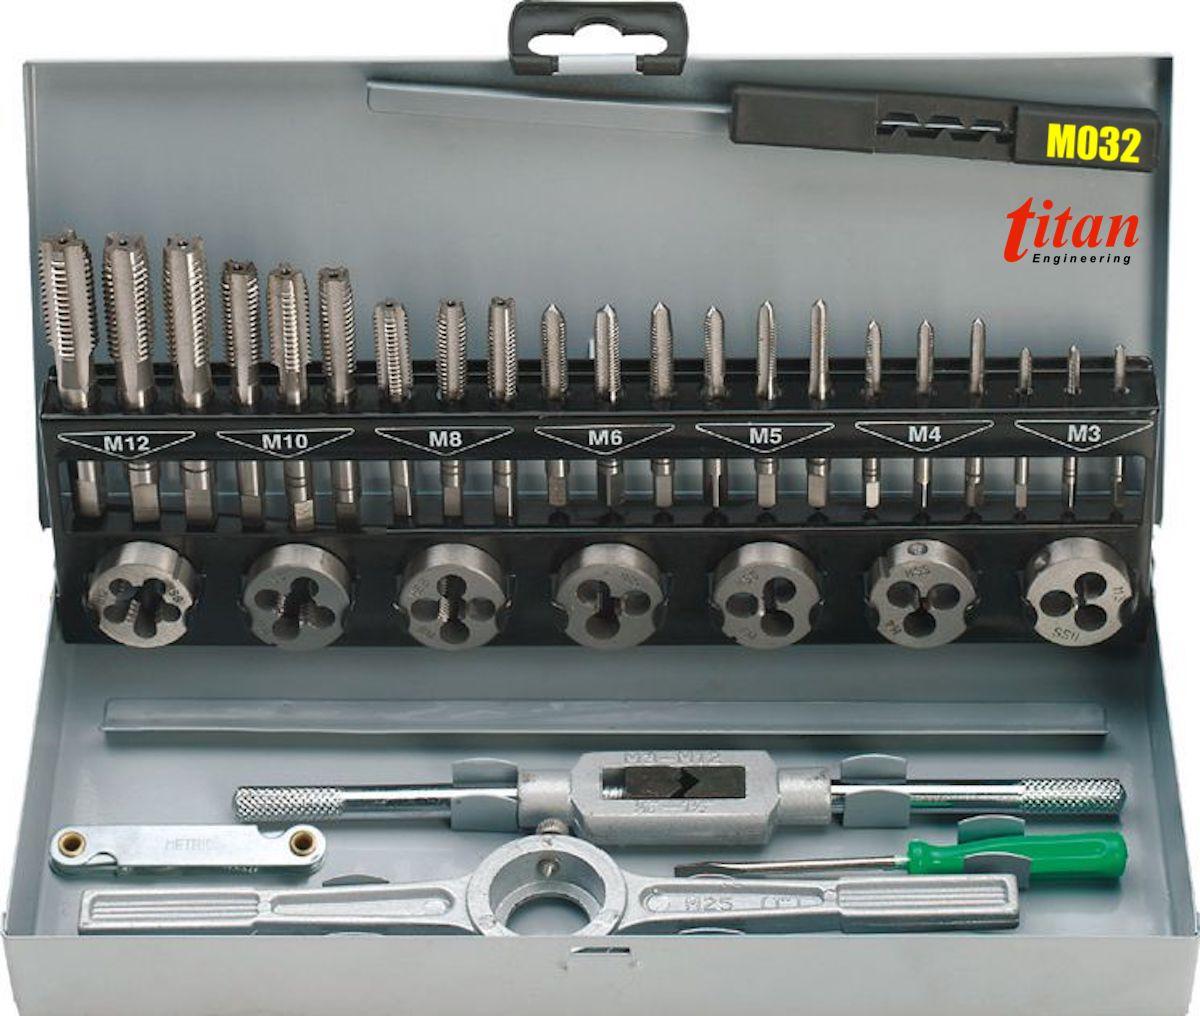 M032 bộ taro bàn ren 32 chi tiết từ M3 đến M12 - FERVI Italia